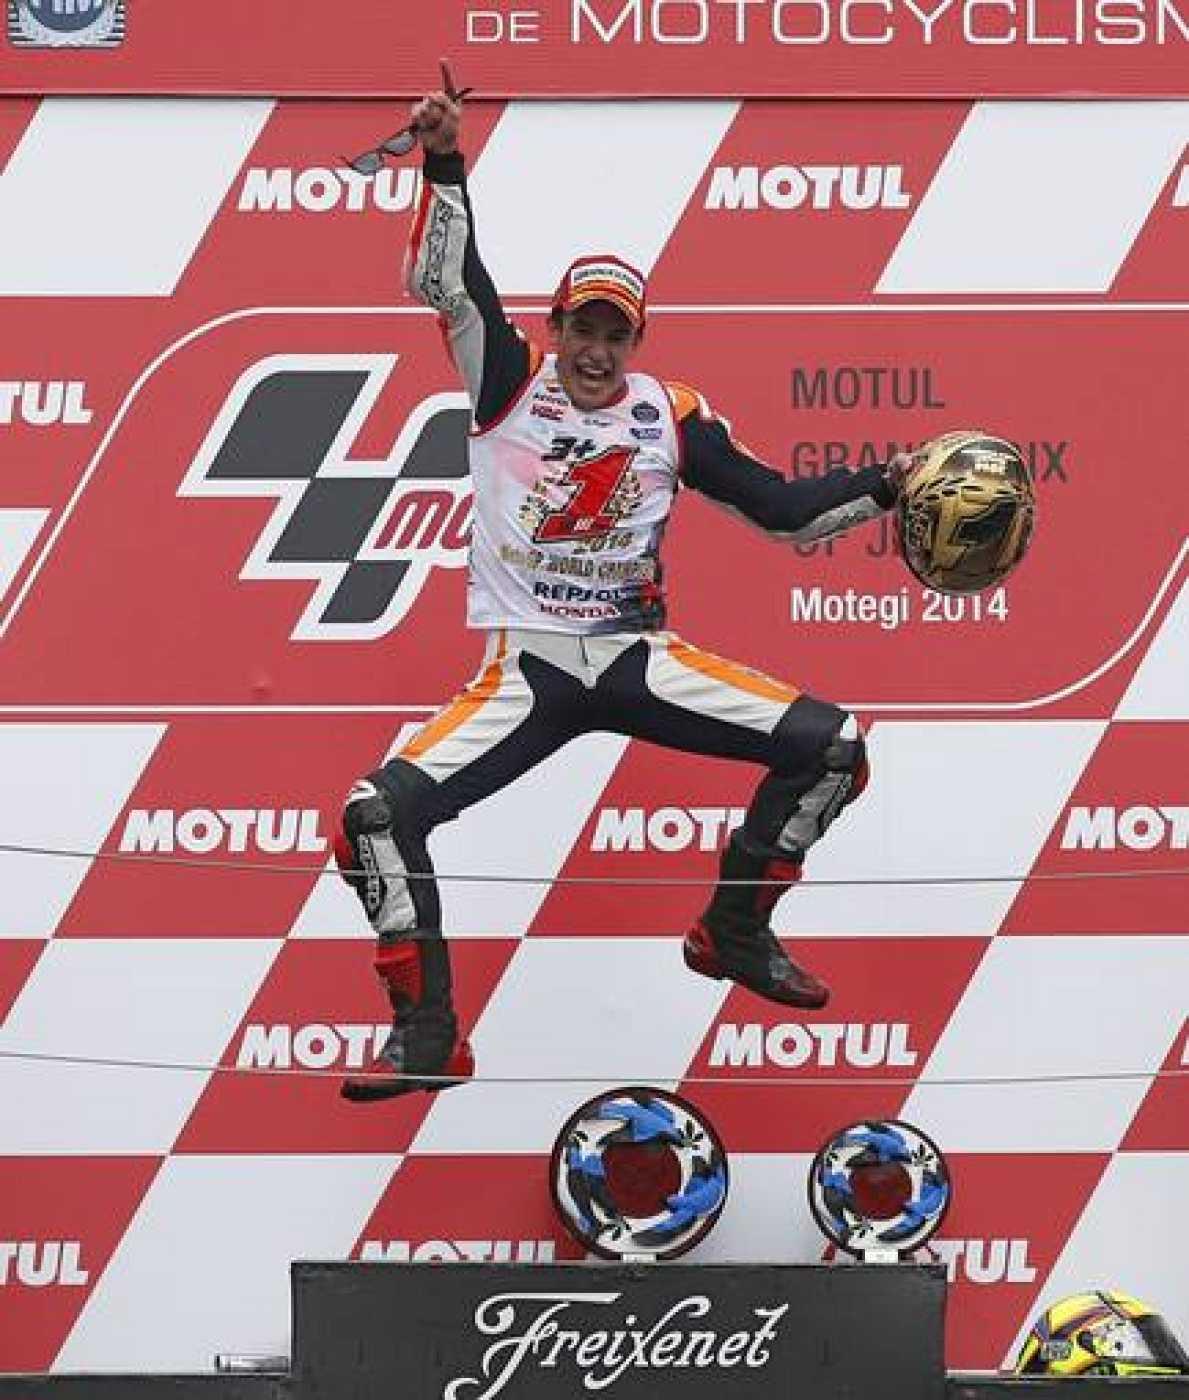 El piloto español de Honda, Marc Marquez, celebra su título de campeón del mundo de MotoGP en el circuito de Motegi, Japón